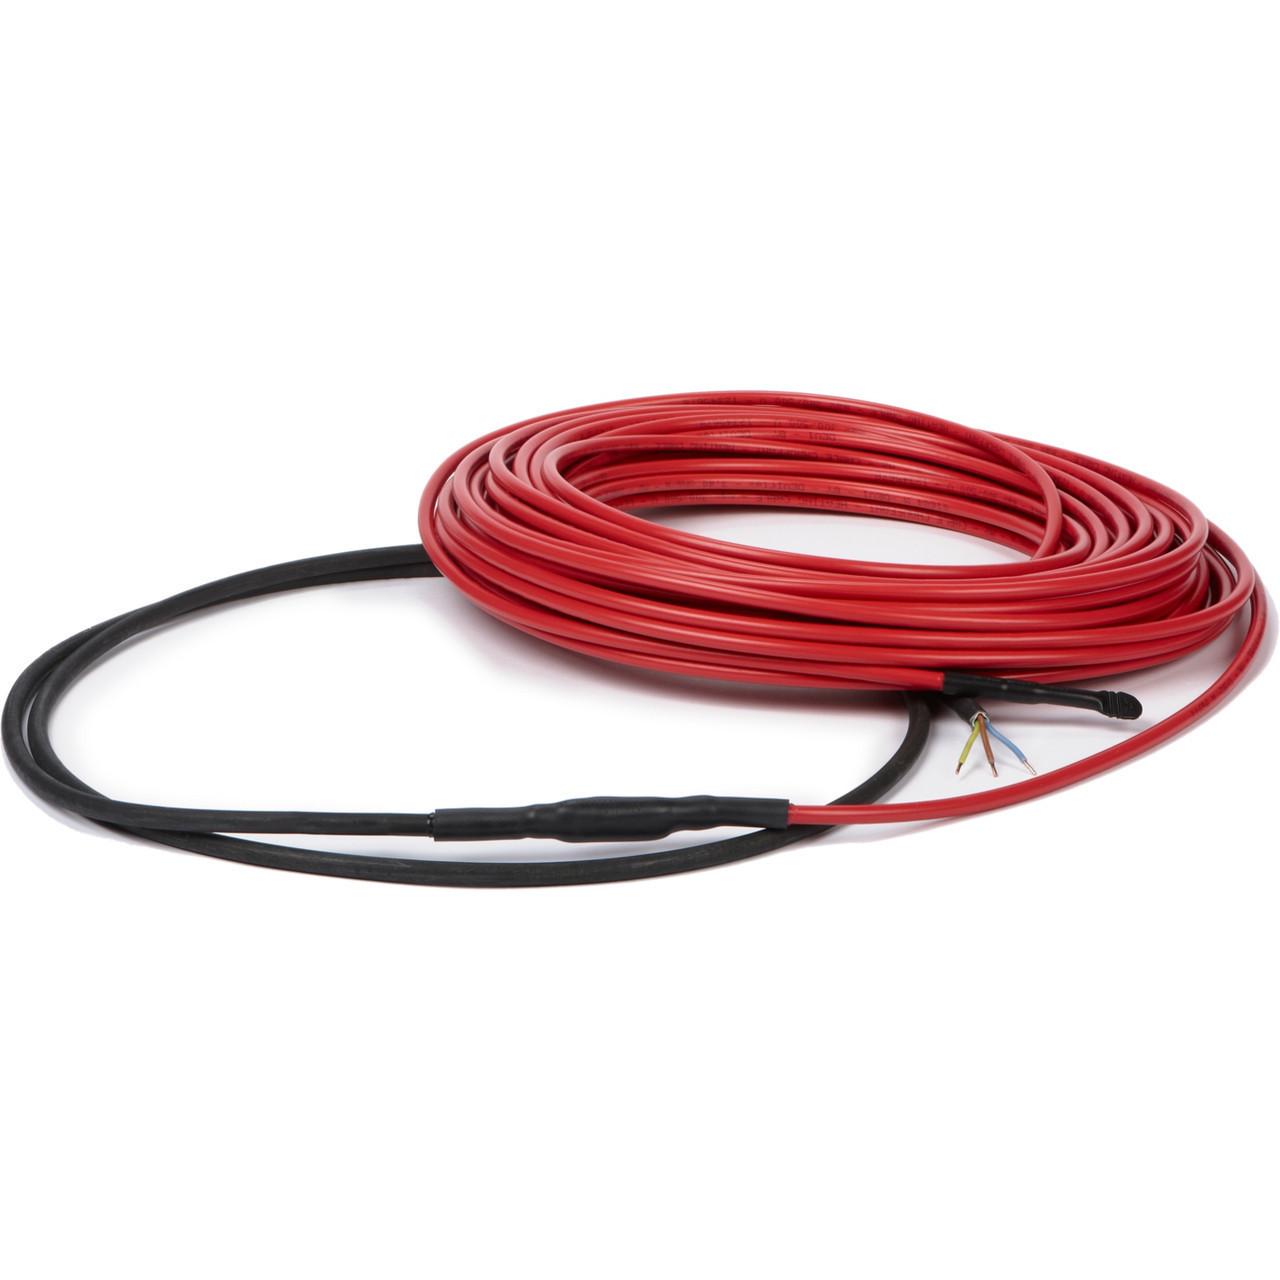 Теплый пол DeviComfort 10T двужильный, тонкий кабель с сплошным экраном, 800W, 5.0 м.кв.(87101114)